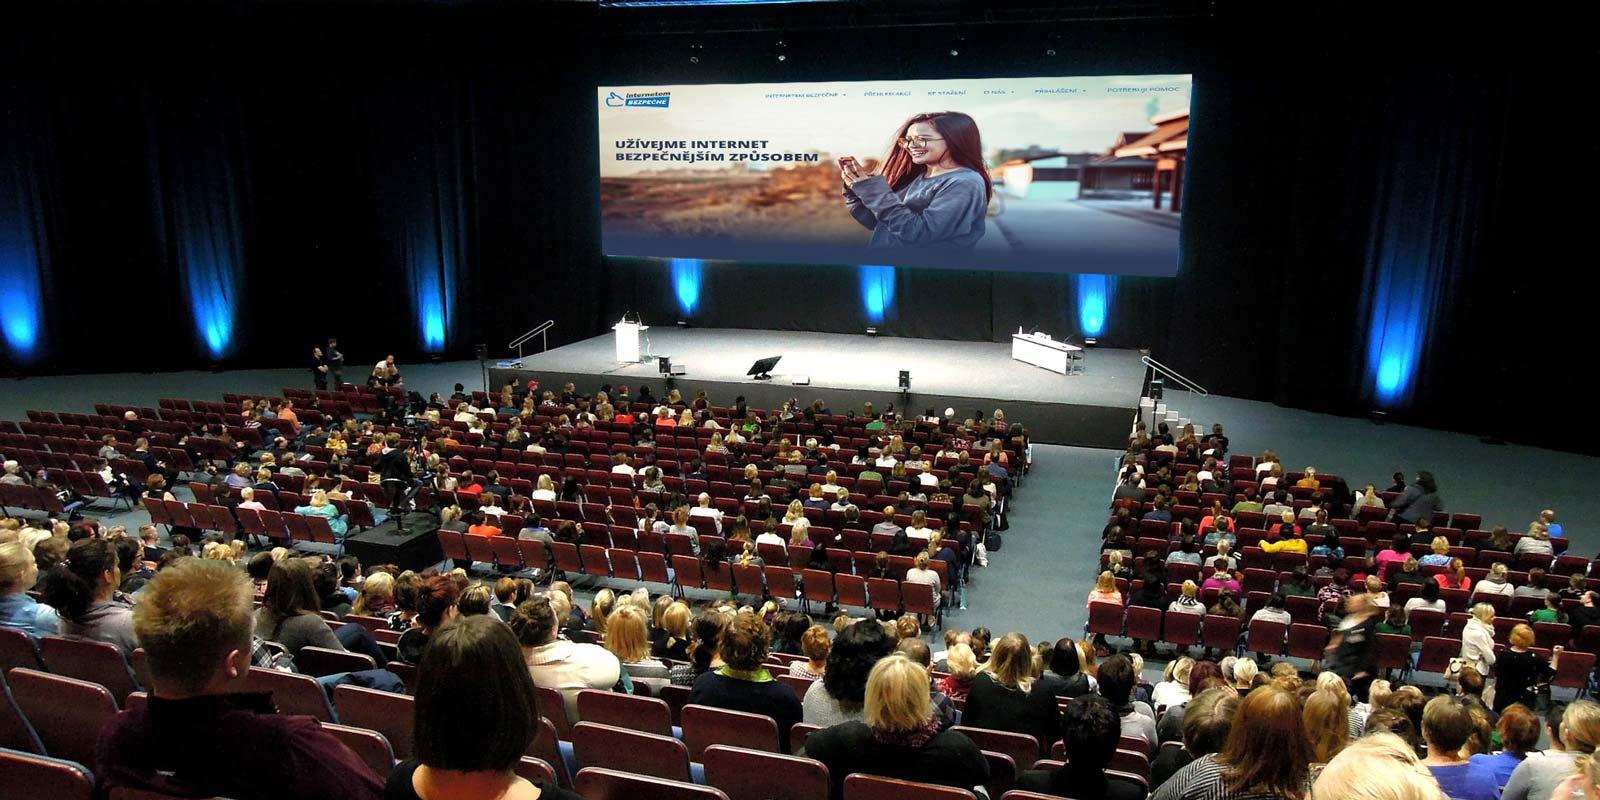 Konference Internetem Bezpečně 2018